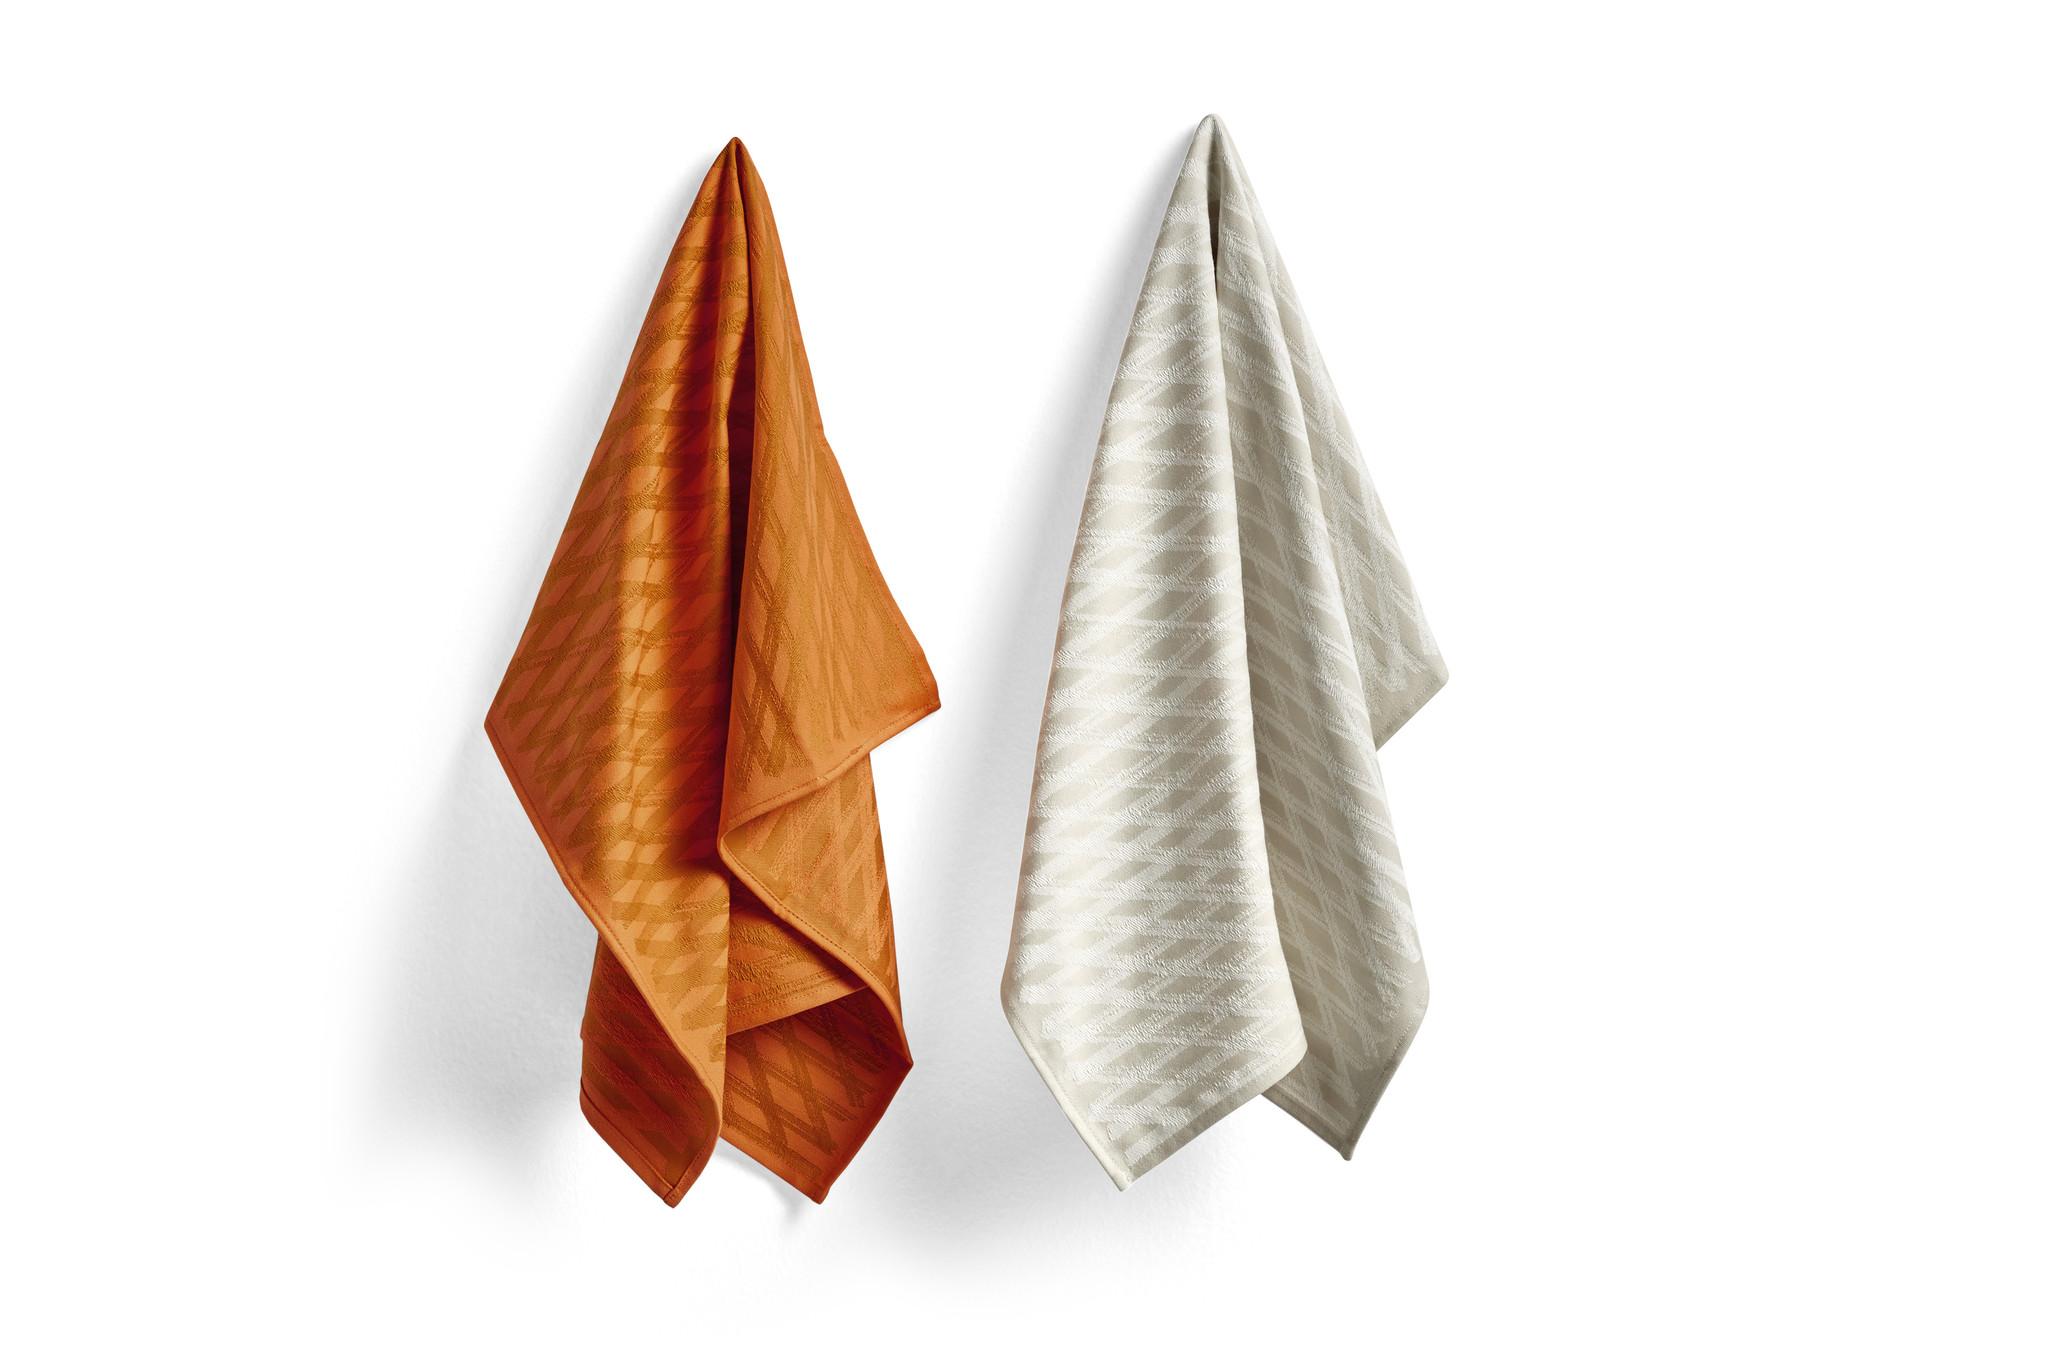 Tea towel S&B 2 Pcs.-1